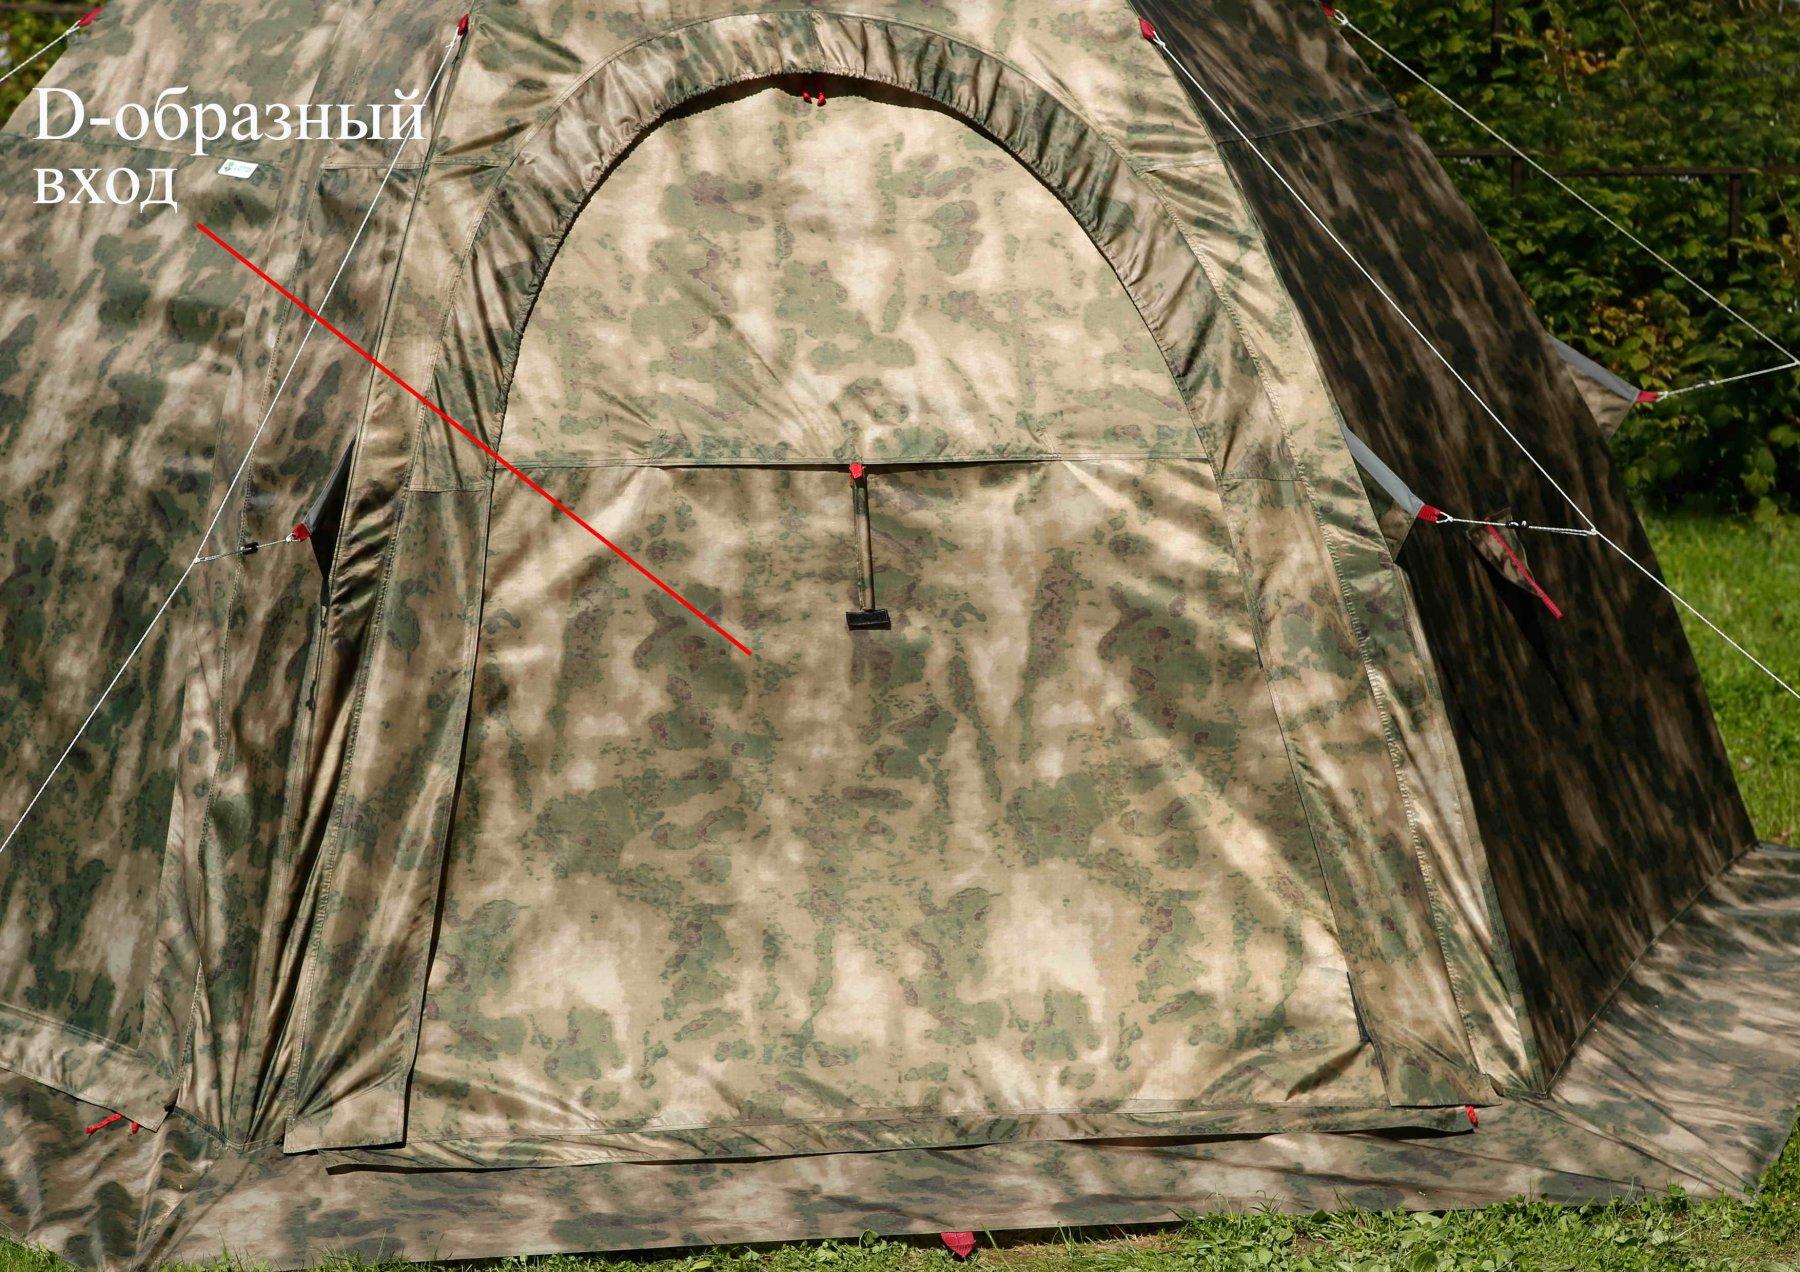 купить палатку лотос 5